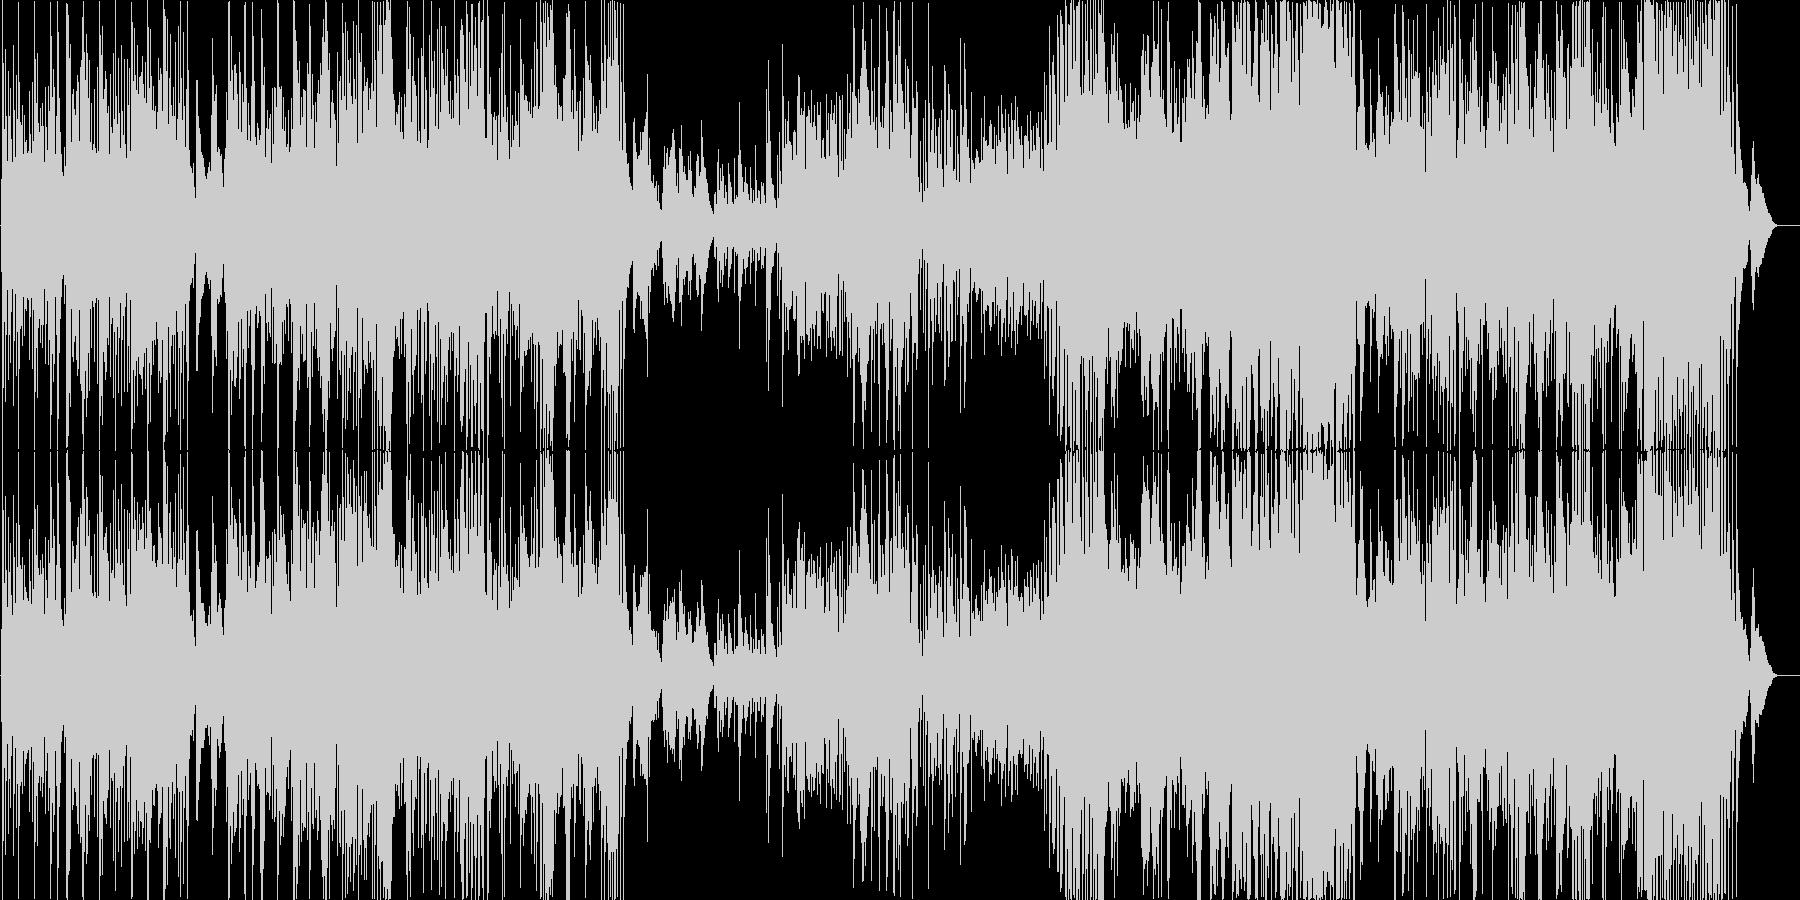 旅番組などに最適な元気なインスト曲の未再生の波形